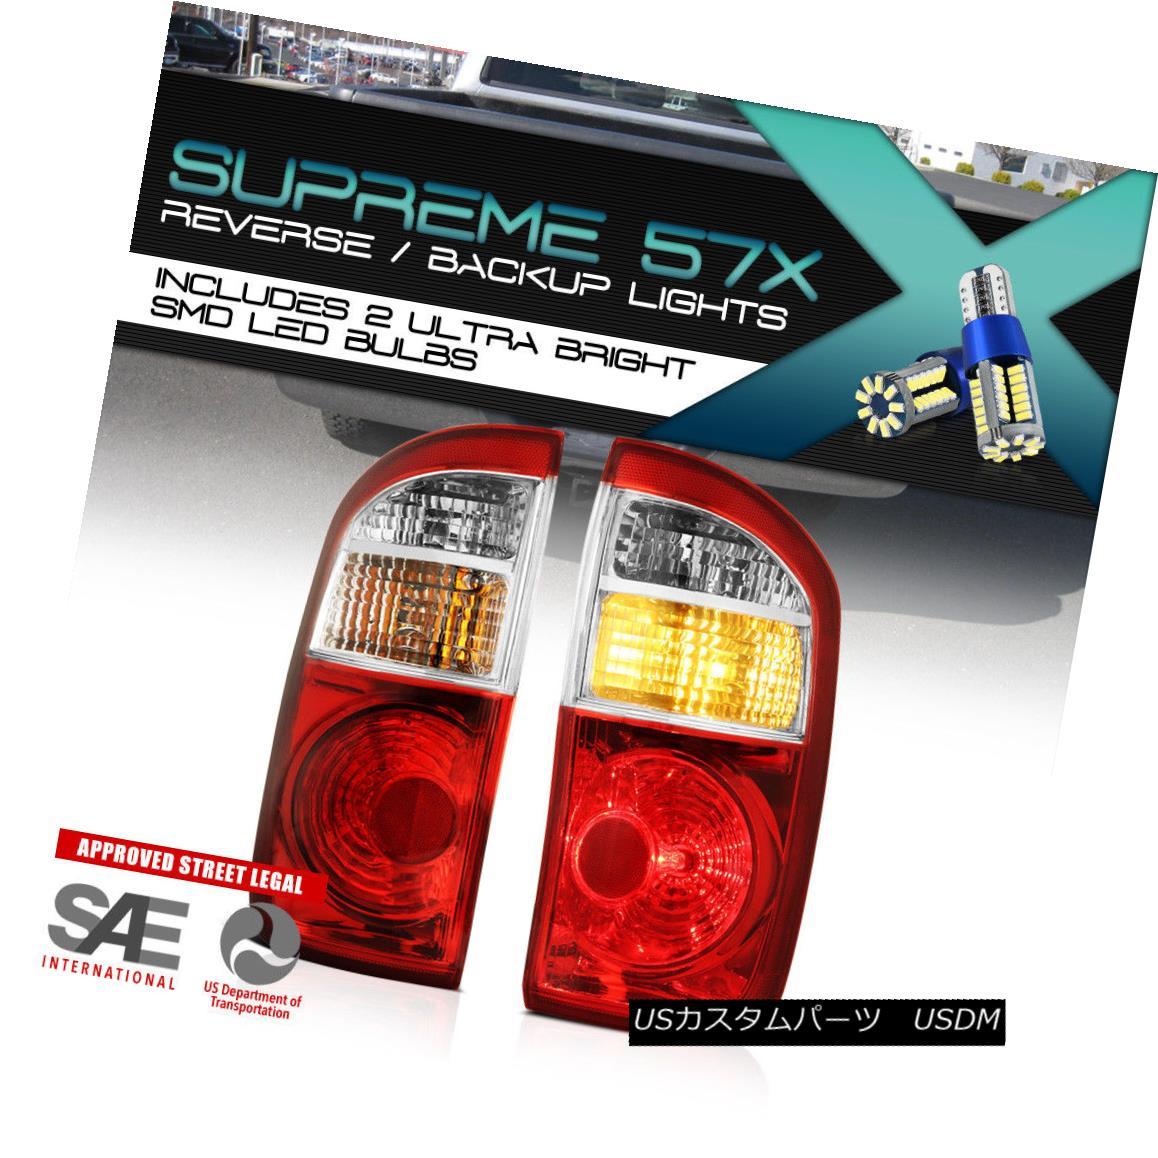 テールライト [360 [360 DEGREE SMD BACKUP] Tail Lights Lamps Tundra Cab SET For Toyota Tundra Double Cab 04-06 [360°SMD BACKUP]テールライトランプSET for Toyota Tundra Double Cab 04-06, シカベチョウ:537221e8 --- officewill.xsrv.jp